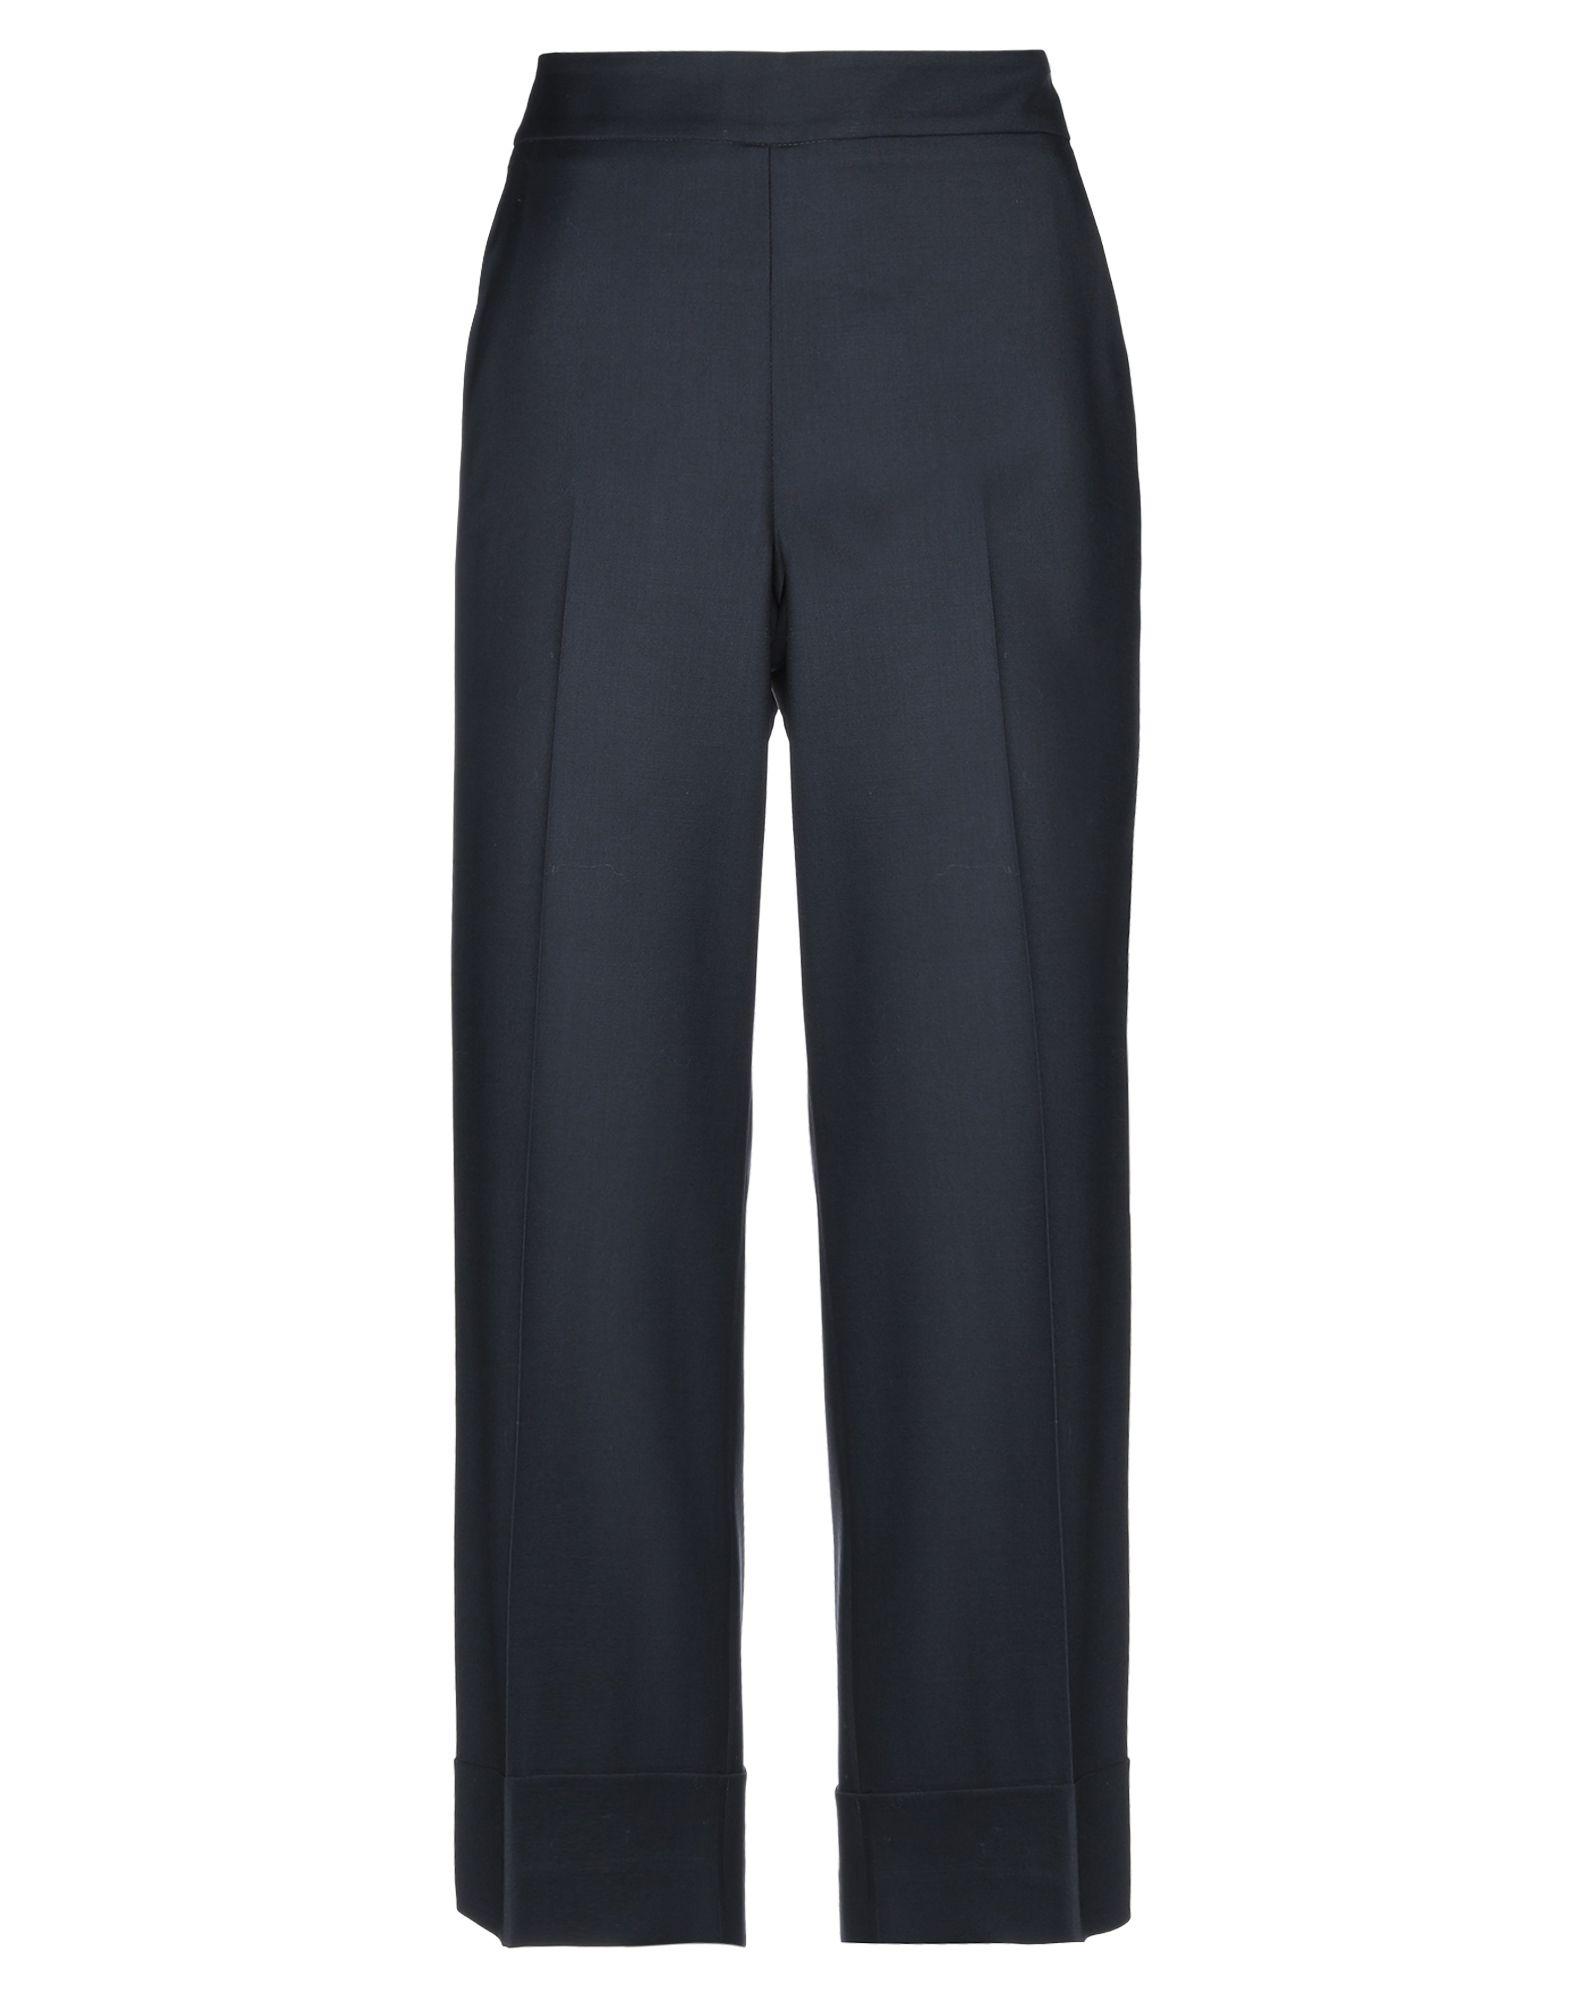 PESERICO Повседневные брюки шарф шерстяной ручная работа коричневый шарф шерстяной ручная работа коричневый